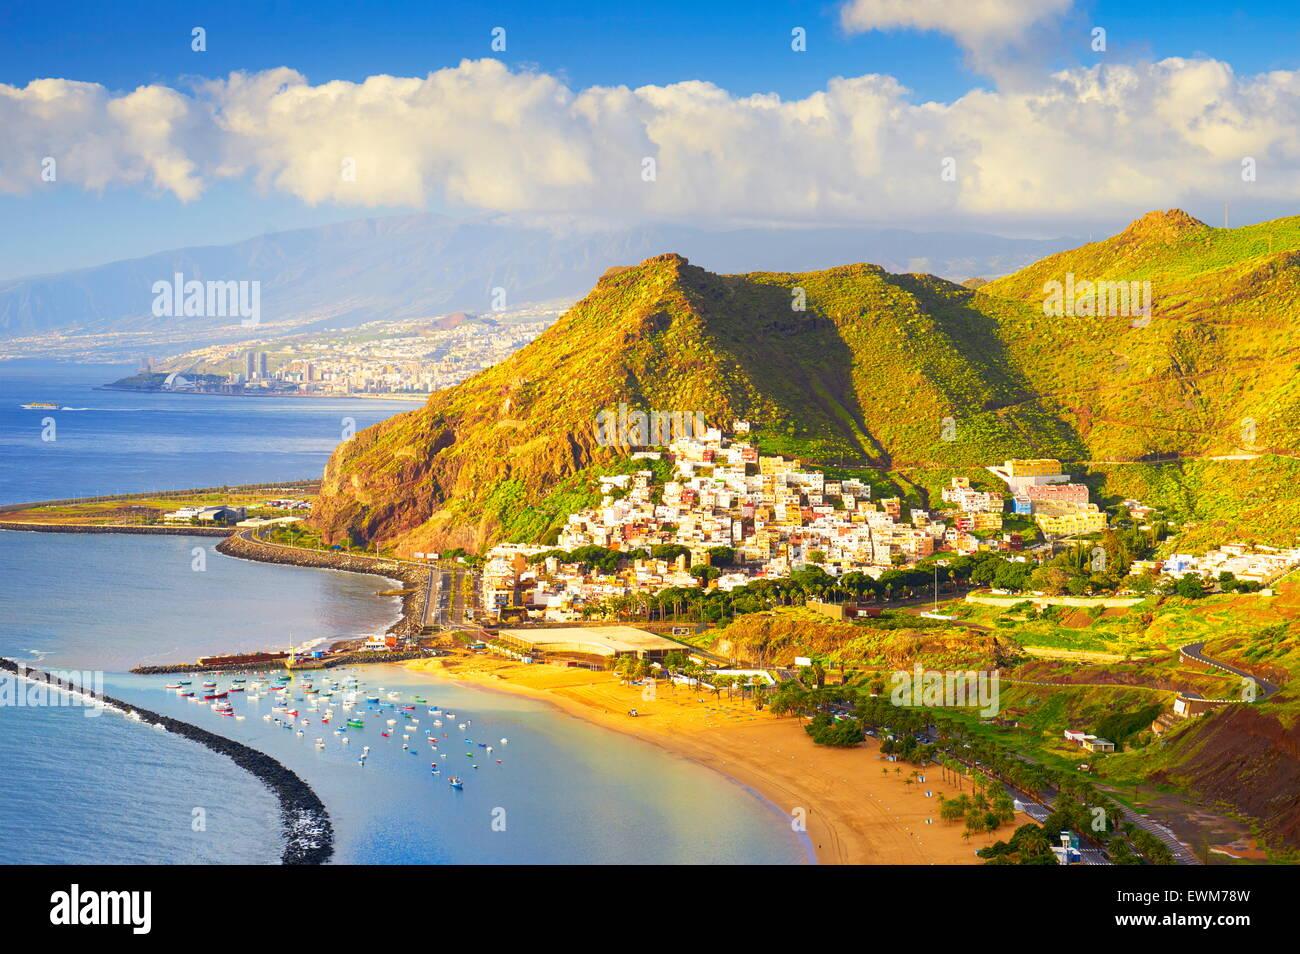 Pueblo de San Andrés, Santa Cruz de Tenerife, Islas Canarias, España Imagen De Stock